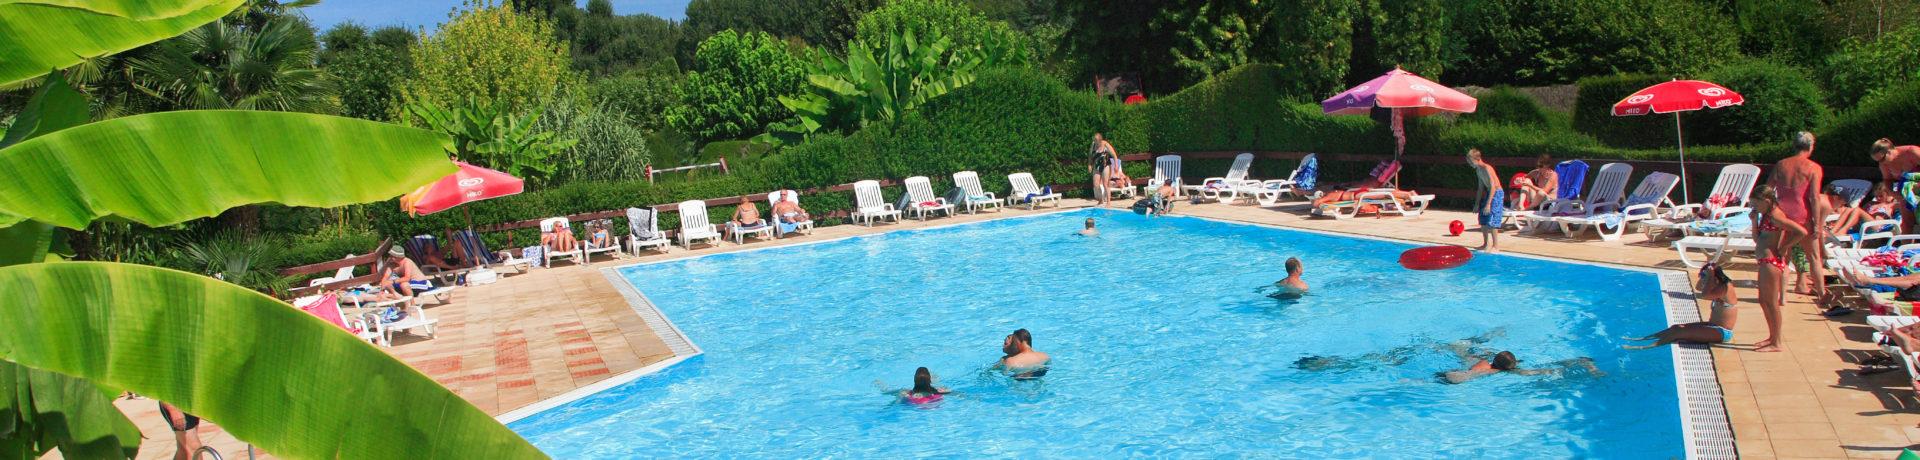 Camping Le Paradis in Saint-Léon-sur-Vézère is een ecologische camping gelegen tussen Les Eyzies en Montignac in de Dordogne in de mooie Aquitaine.